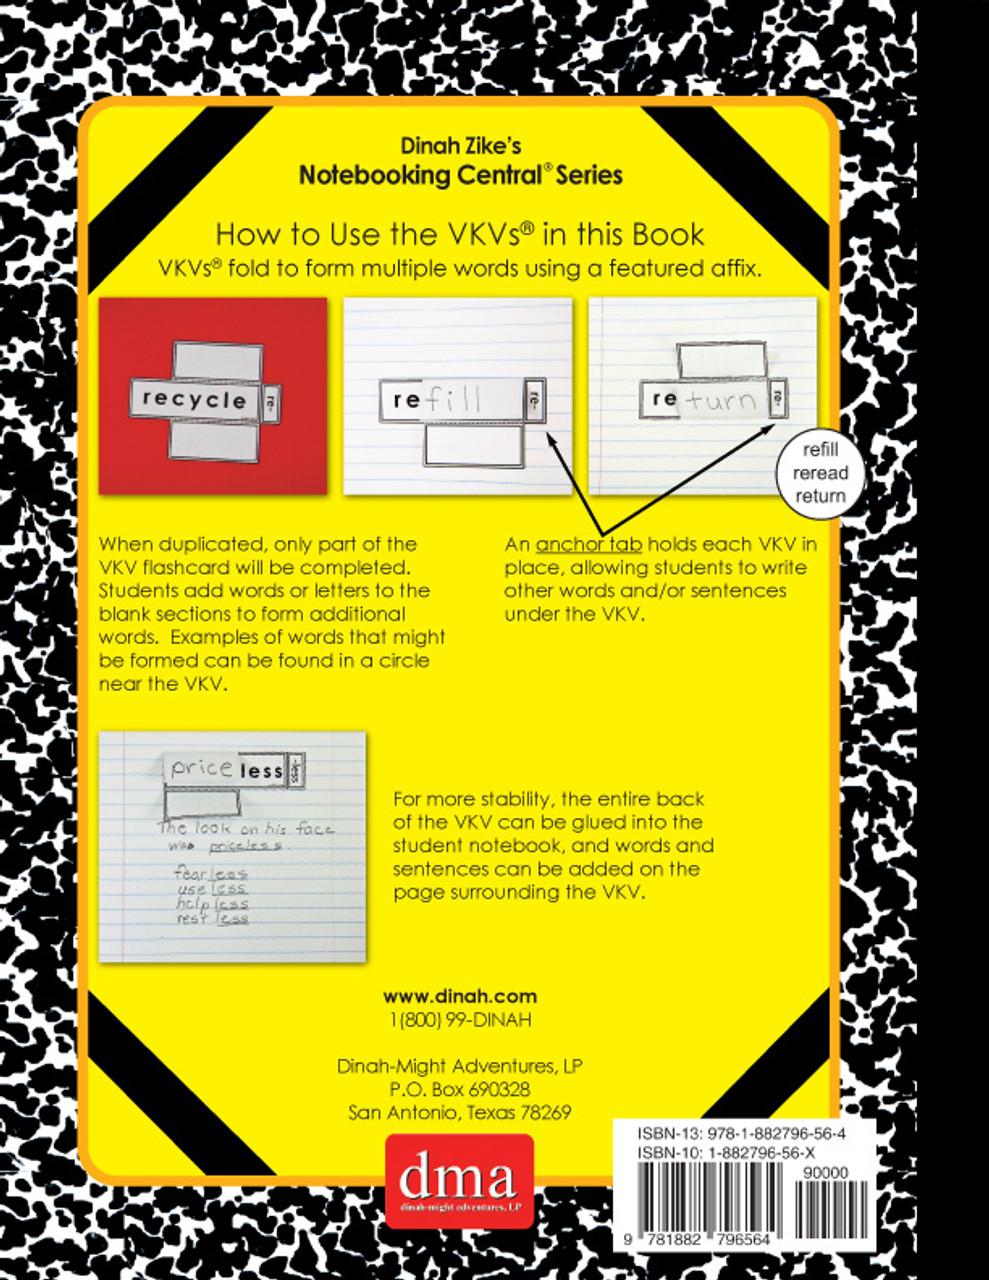 Nc prefixessuffixes oct 15 layout 1 (page 01)